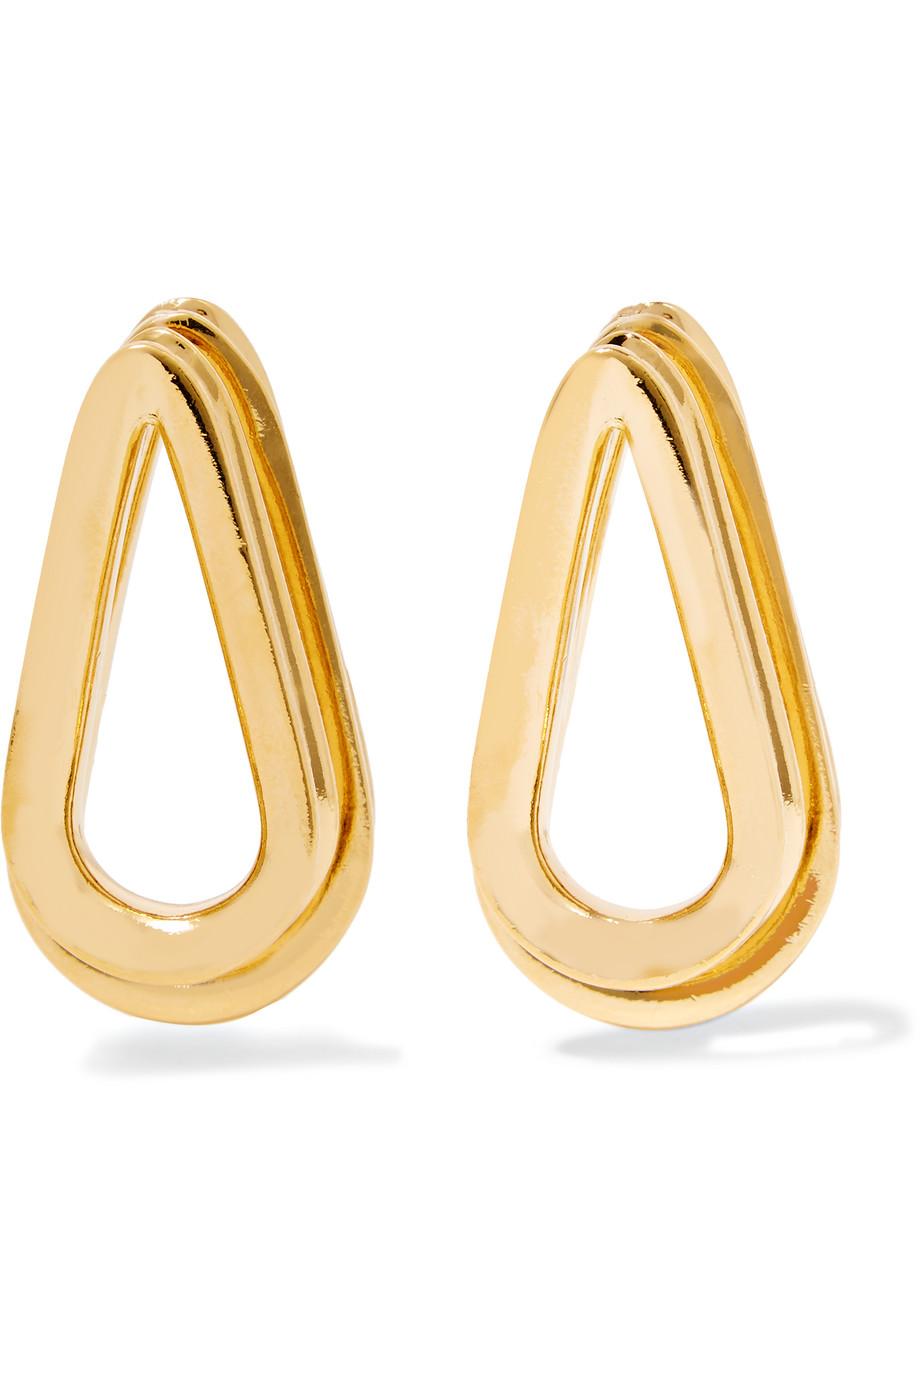 Double Ellipse Gold-Plated Earrings, Women's